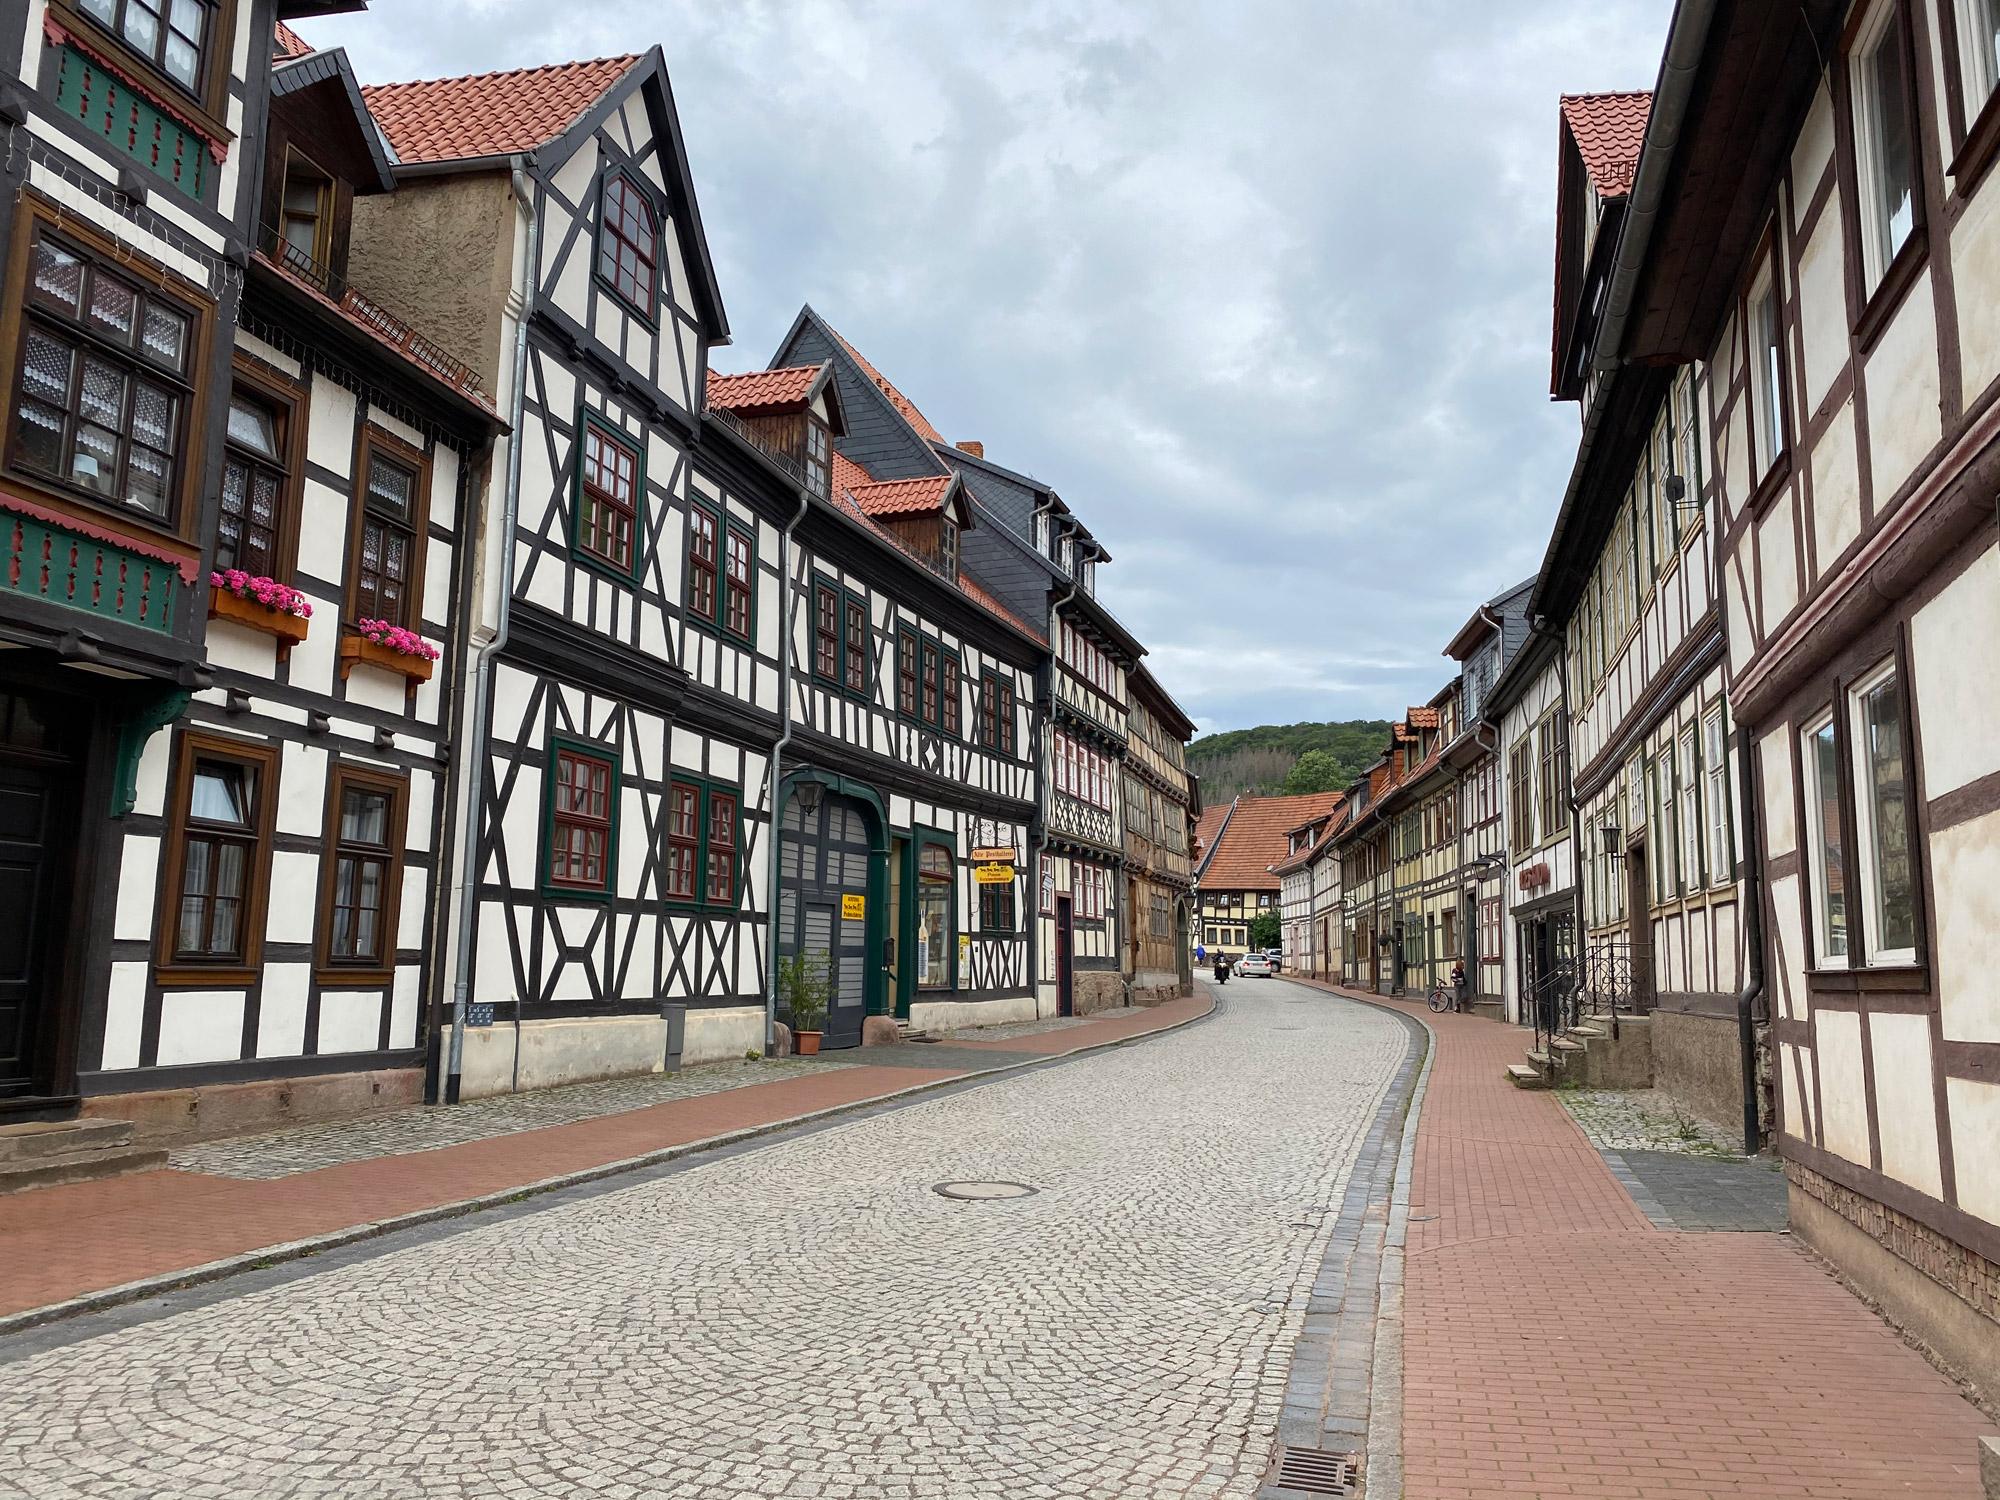 Tsjechië reis - dag 1 - Stolberg